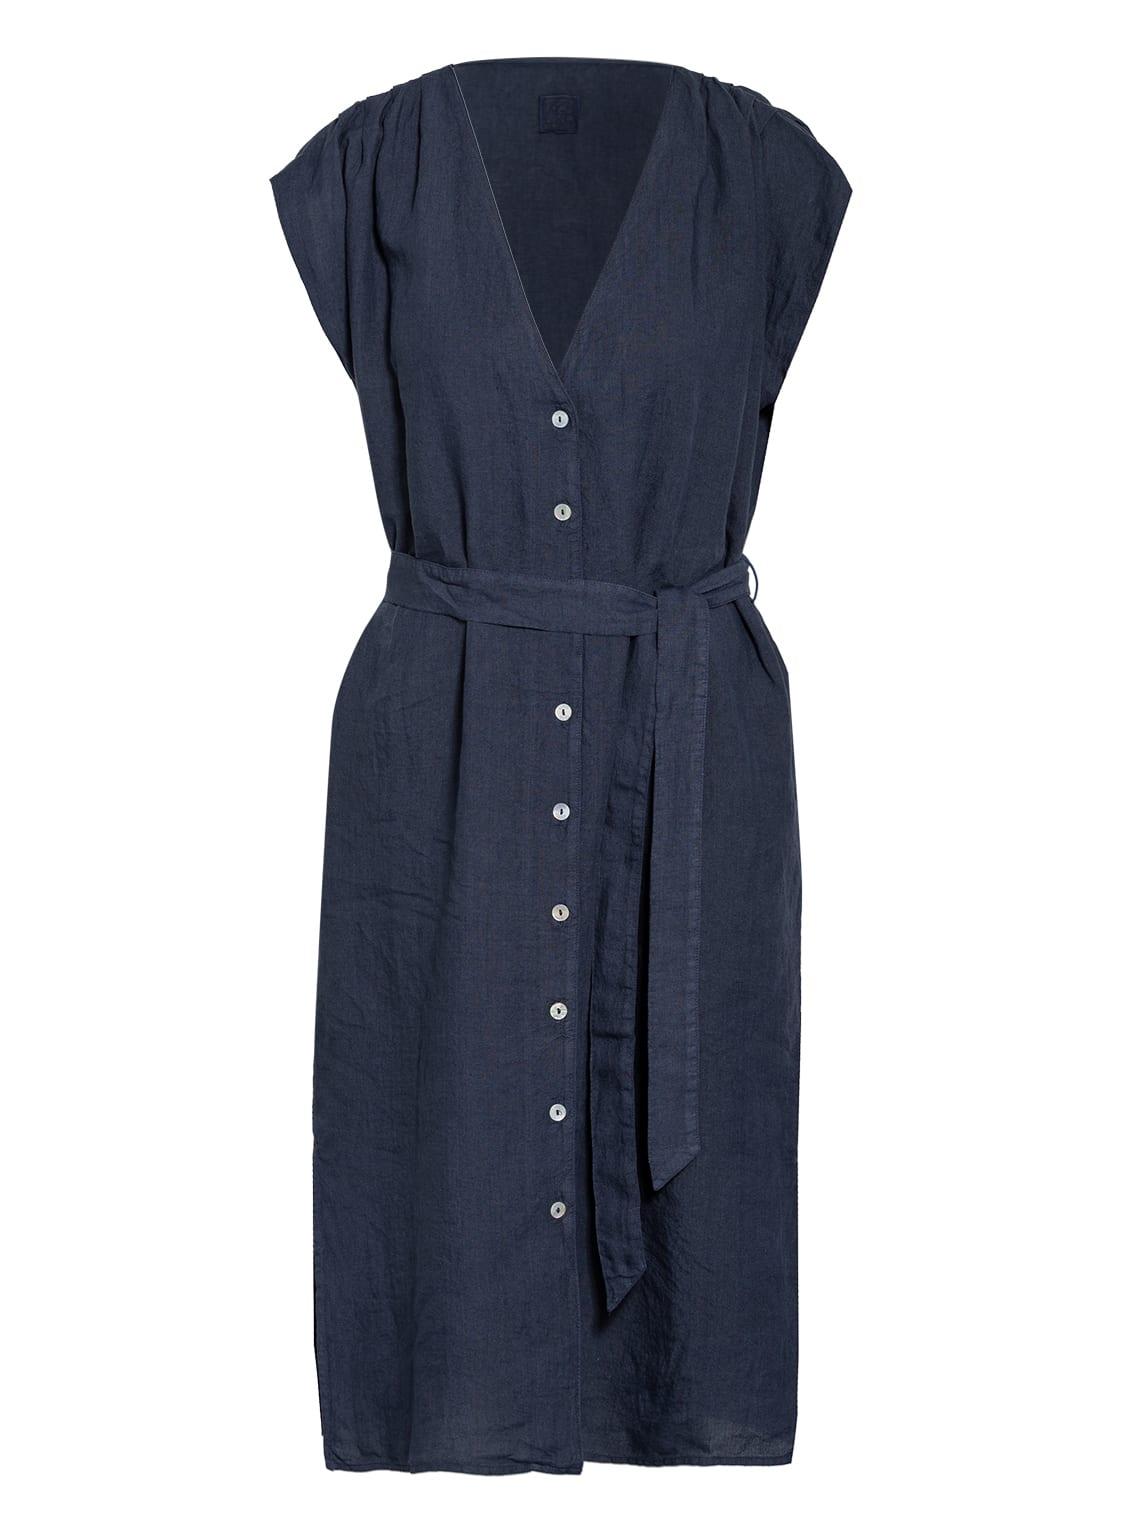 Image of 120%Lino Hemdblusenkleid Aus Leinen blau